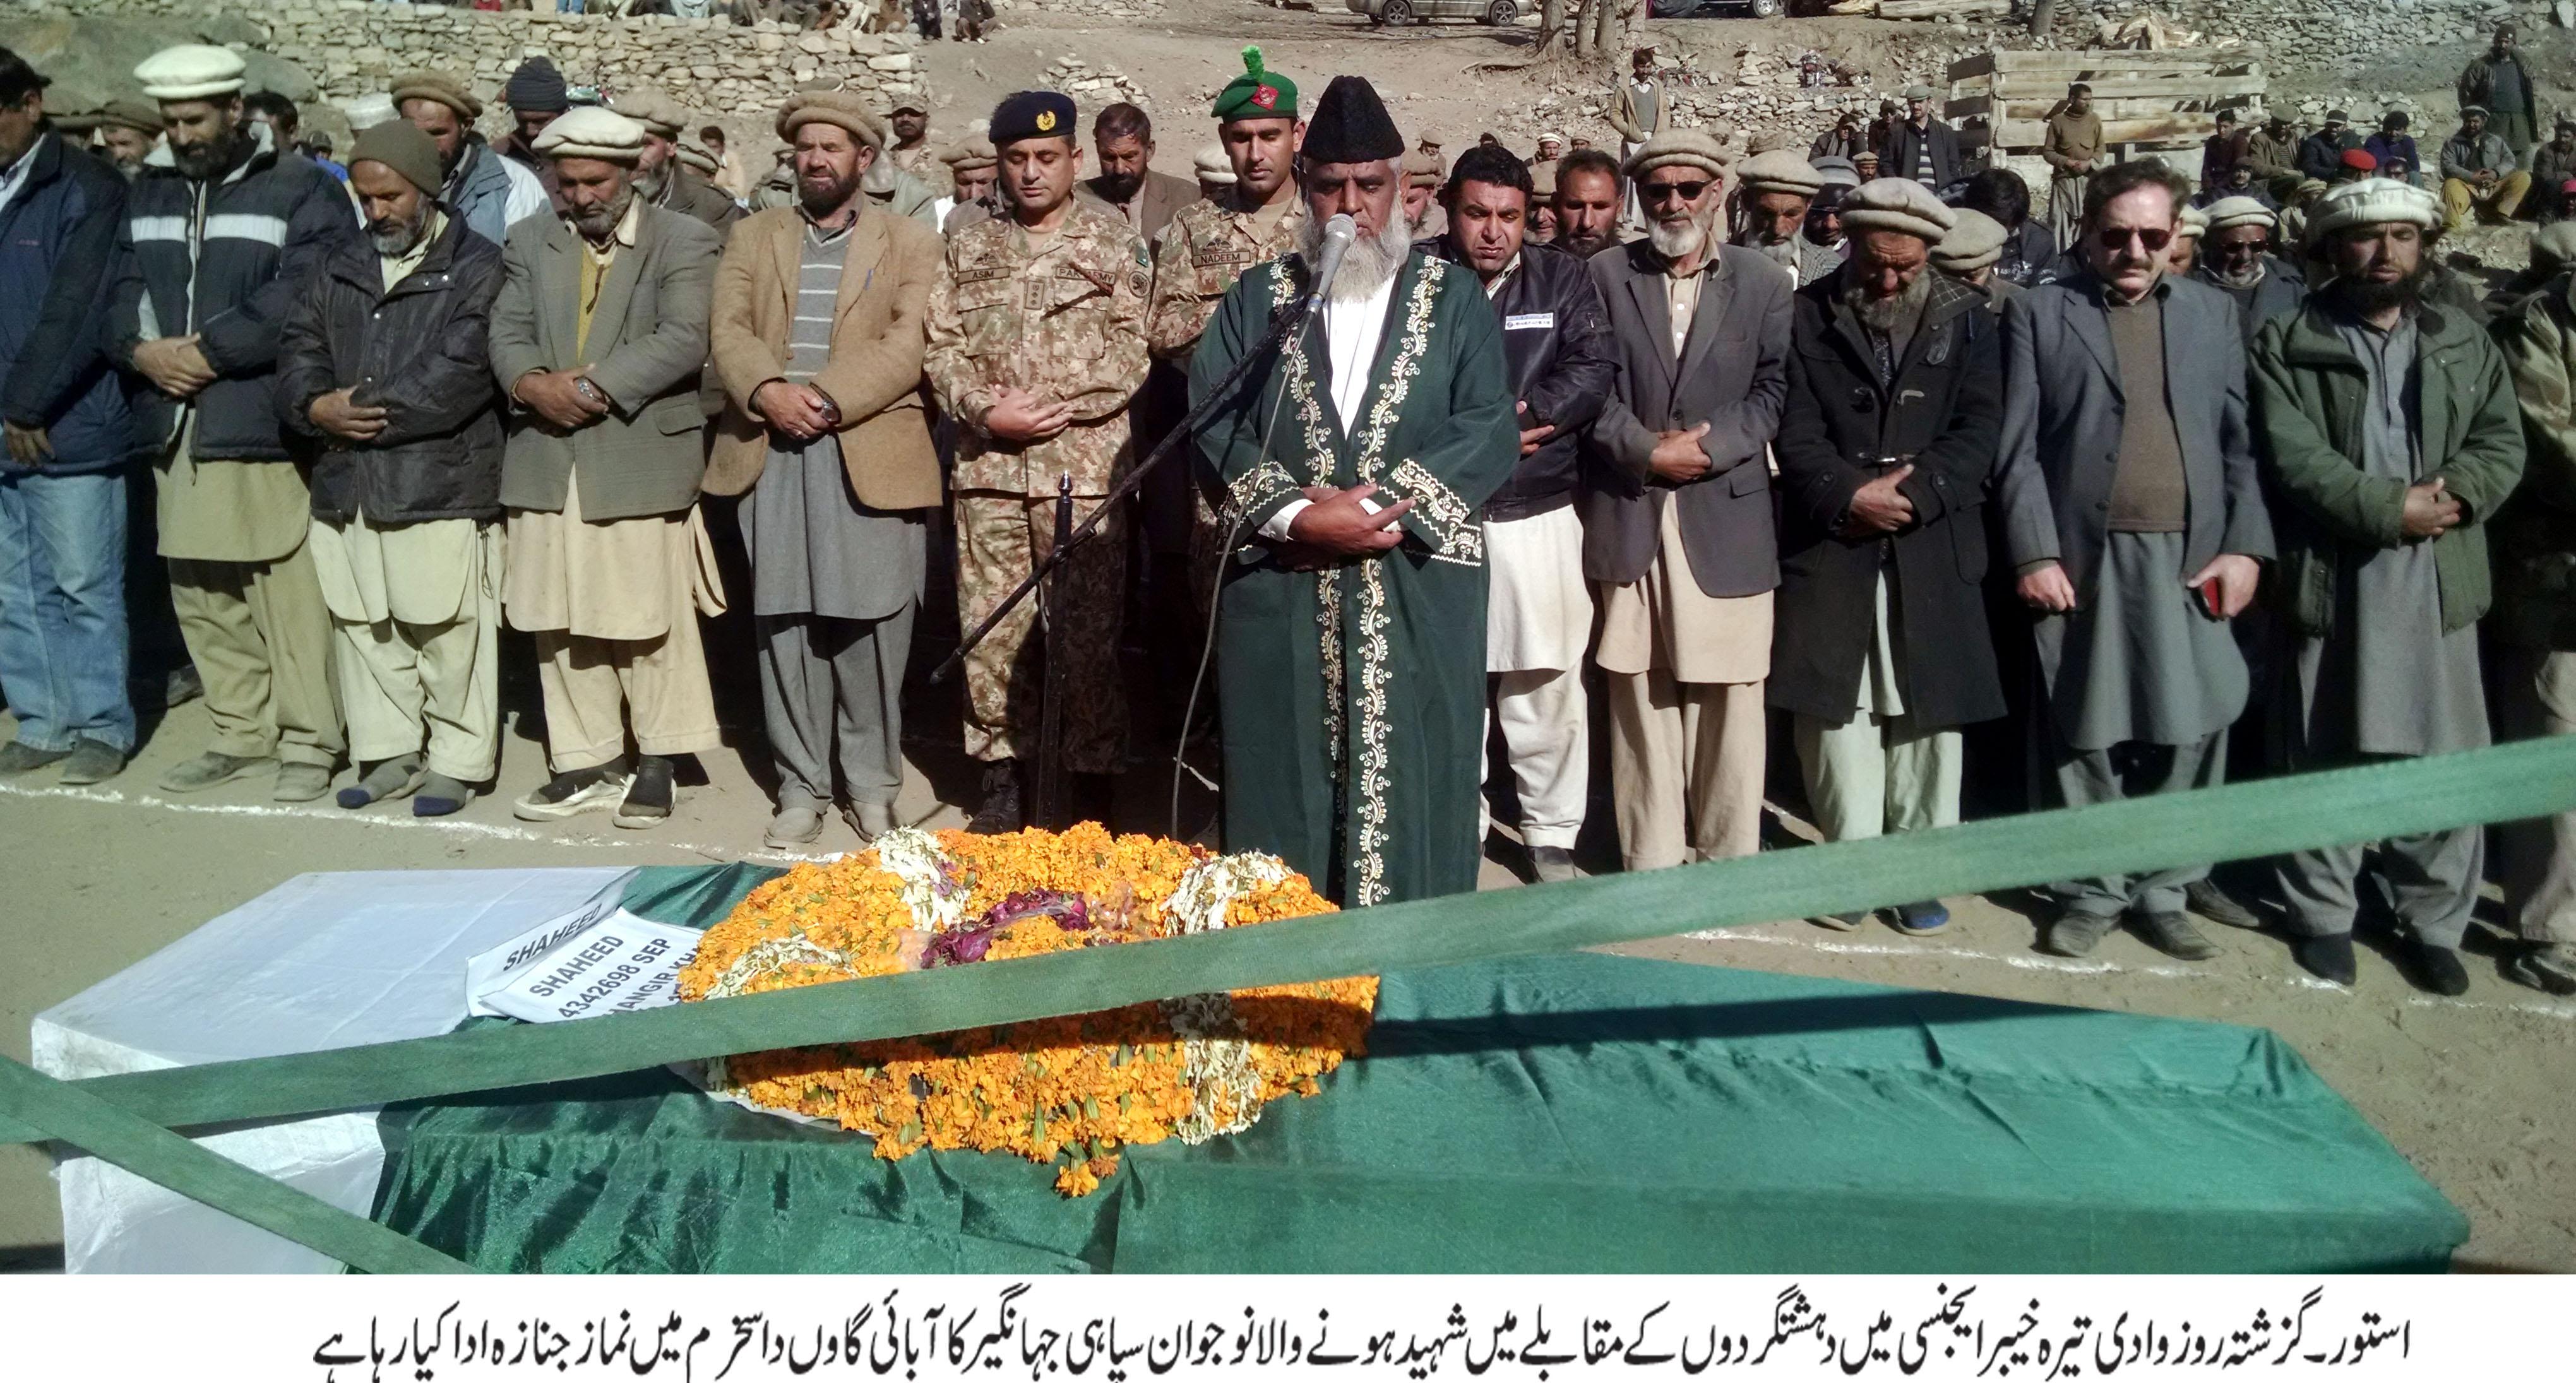 خیبر ایجنسی میں شہید ہونے والا سپاہی جہانگیر خان آبائی گاوں داسخریم (استور) میں سپردخاک